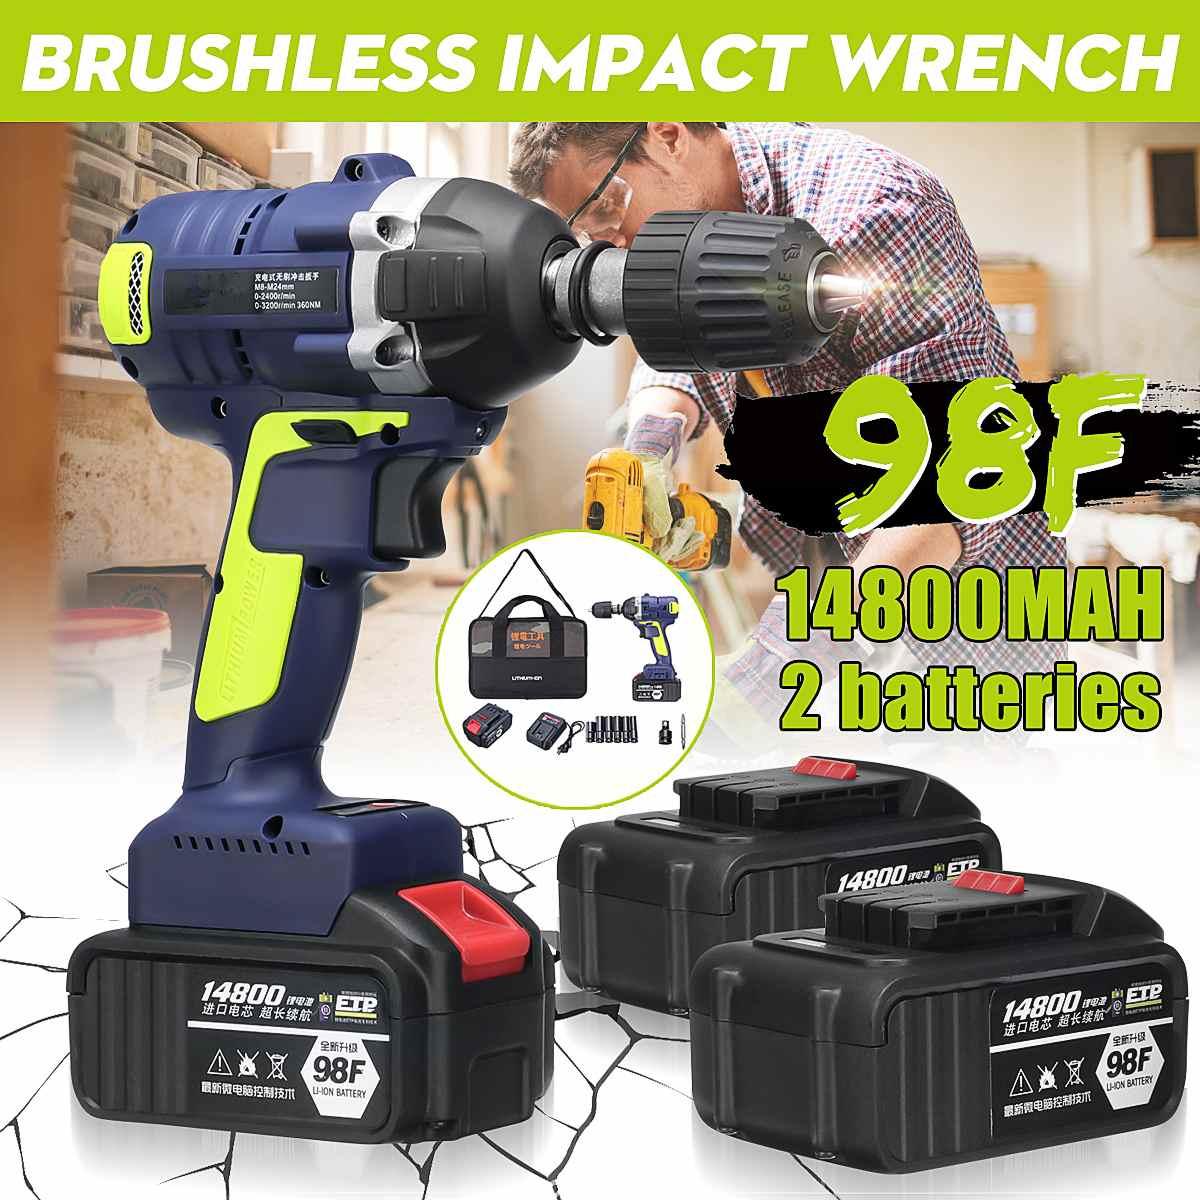 Brushless sem fio Chave de Impacto Elétrica Broca LED Light W/1 ou 2x14800 mAh Li-na Bateria ferramentas Chave Elétrica recarregável